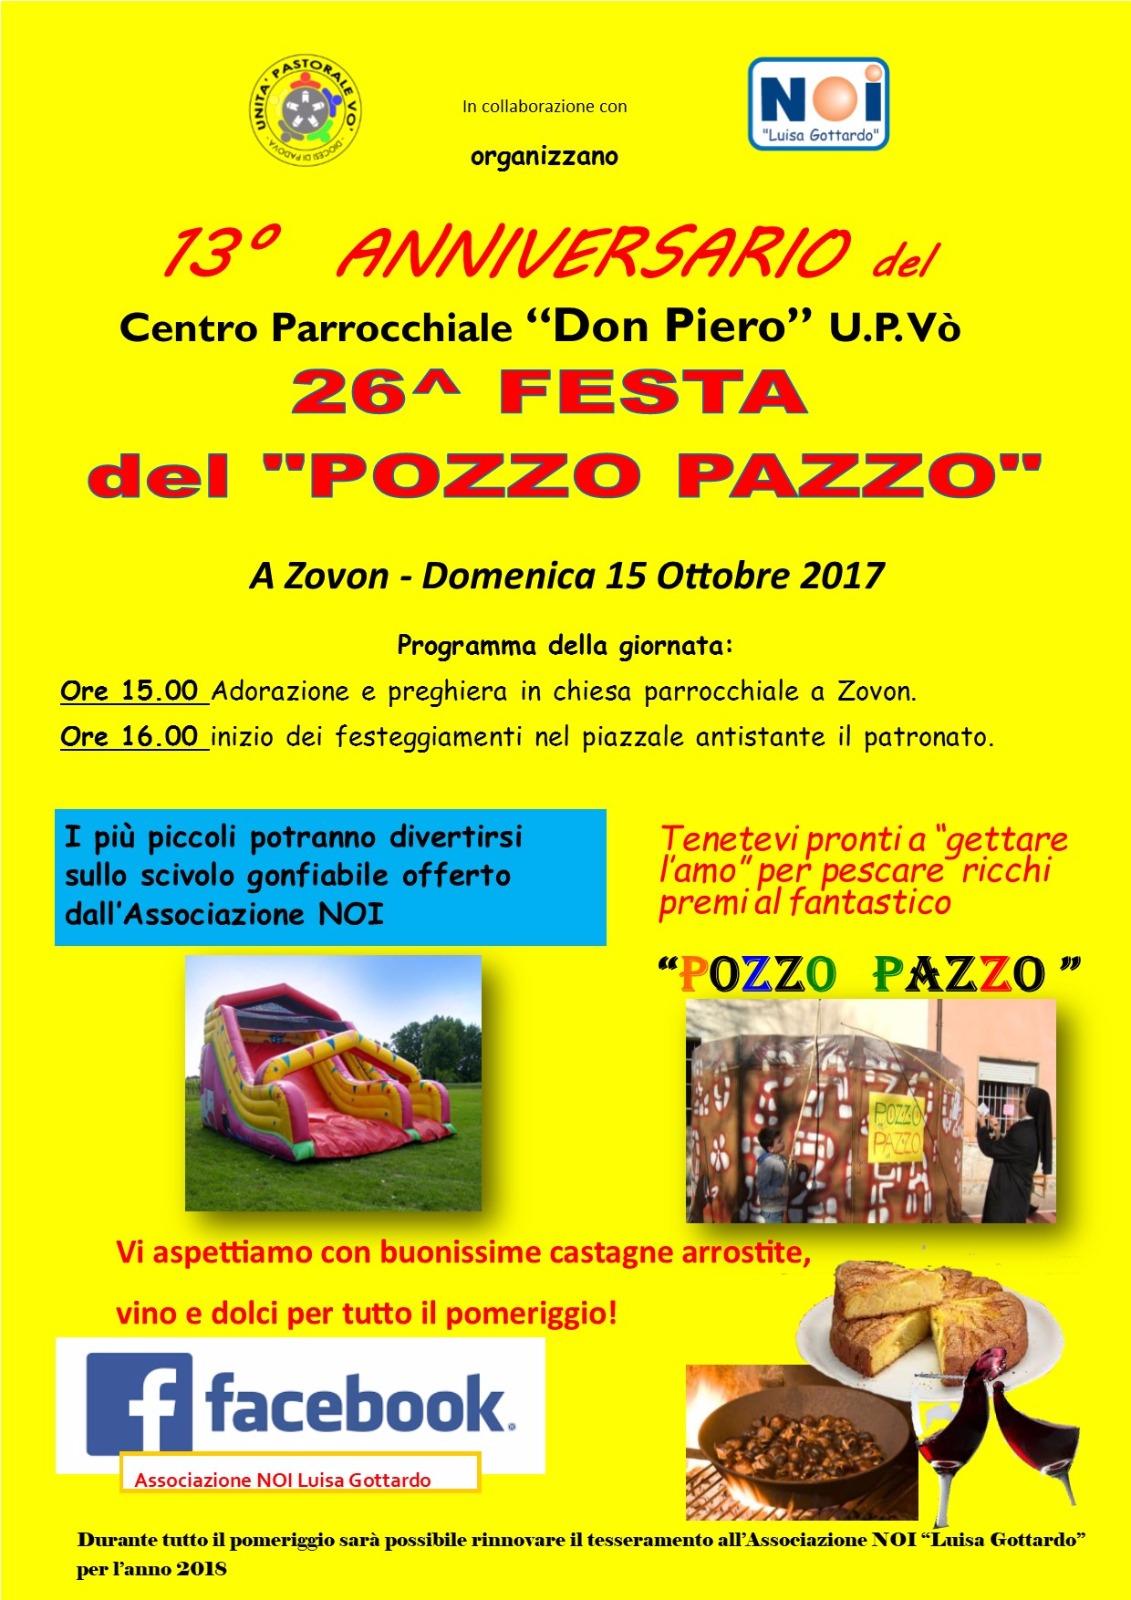 Pozzo Pazzo 2017